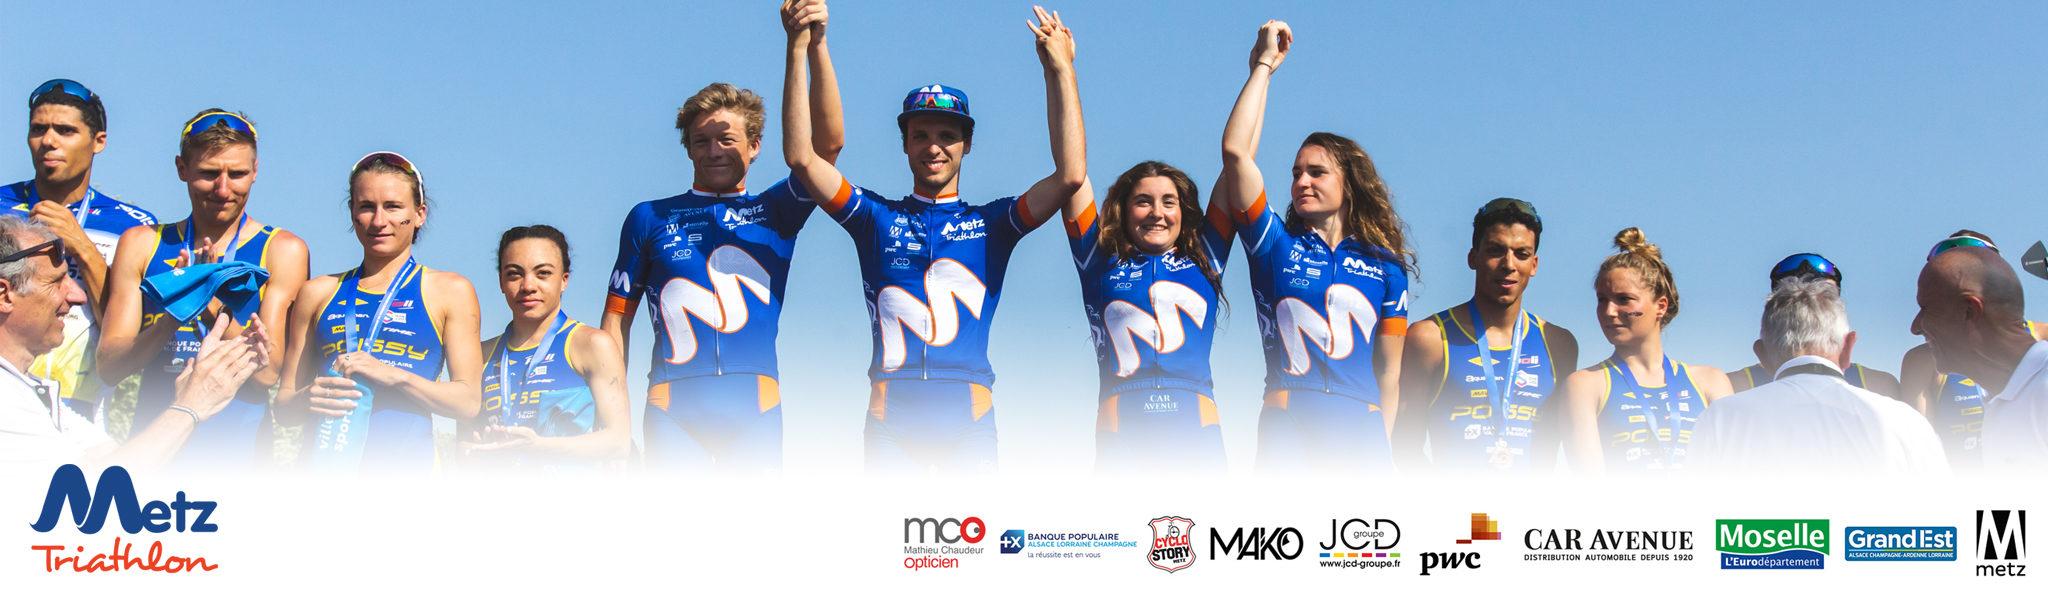 Metz Triathlon